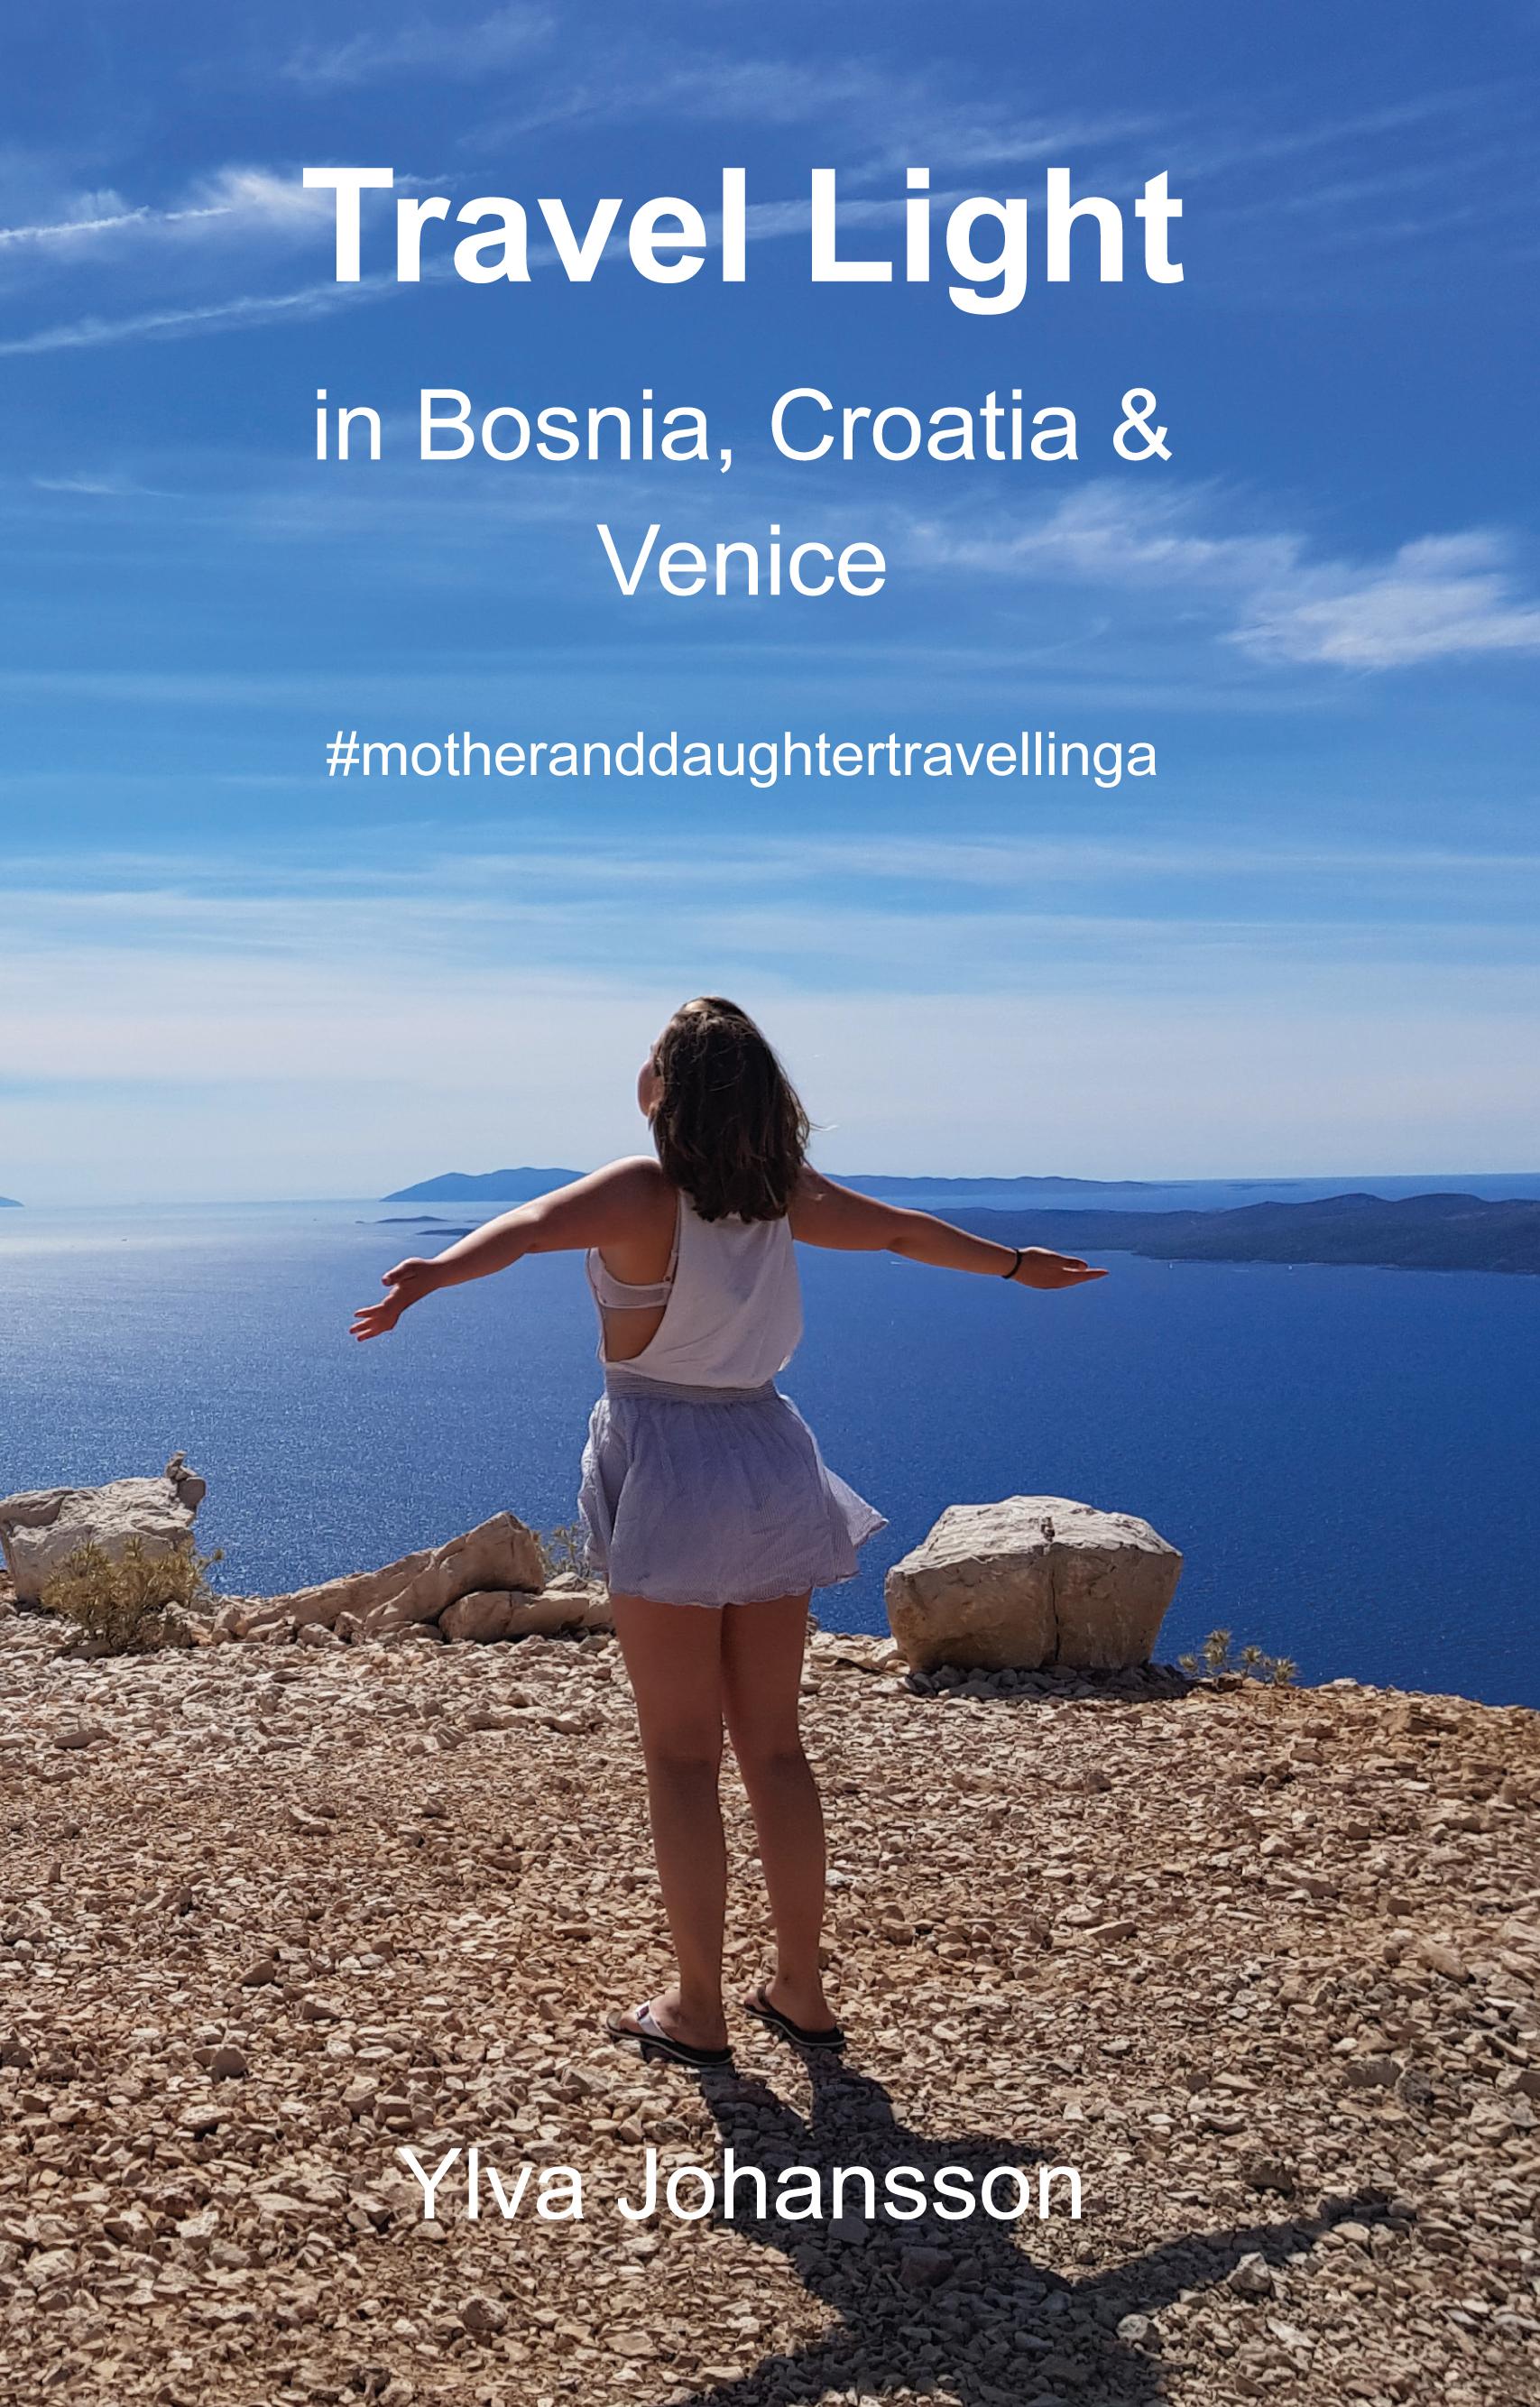 Omslag E-book - Travel Light - Bosnia-Croatia-Venice.jpg